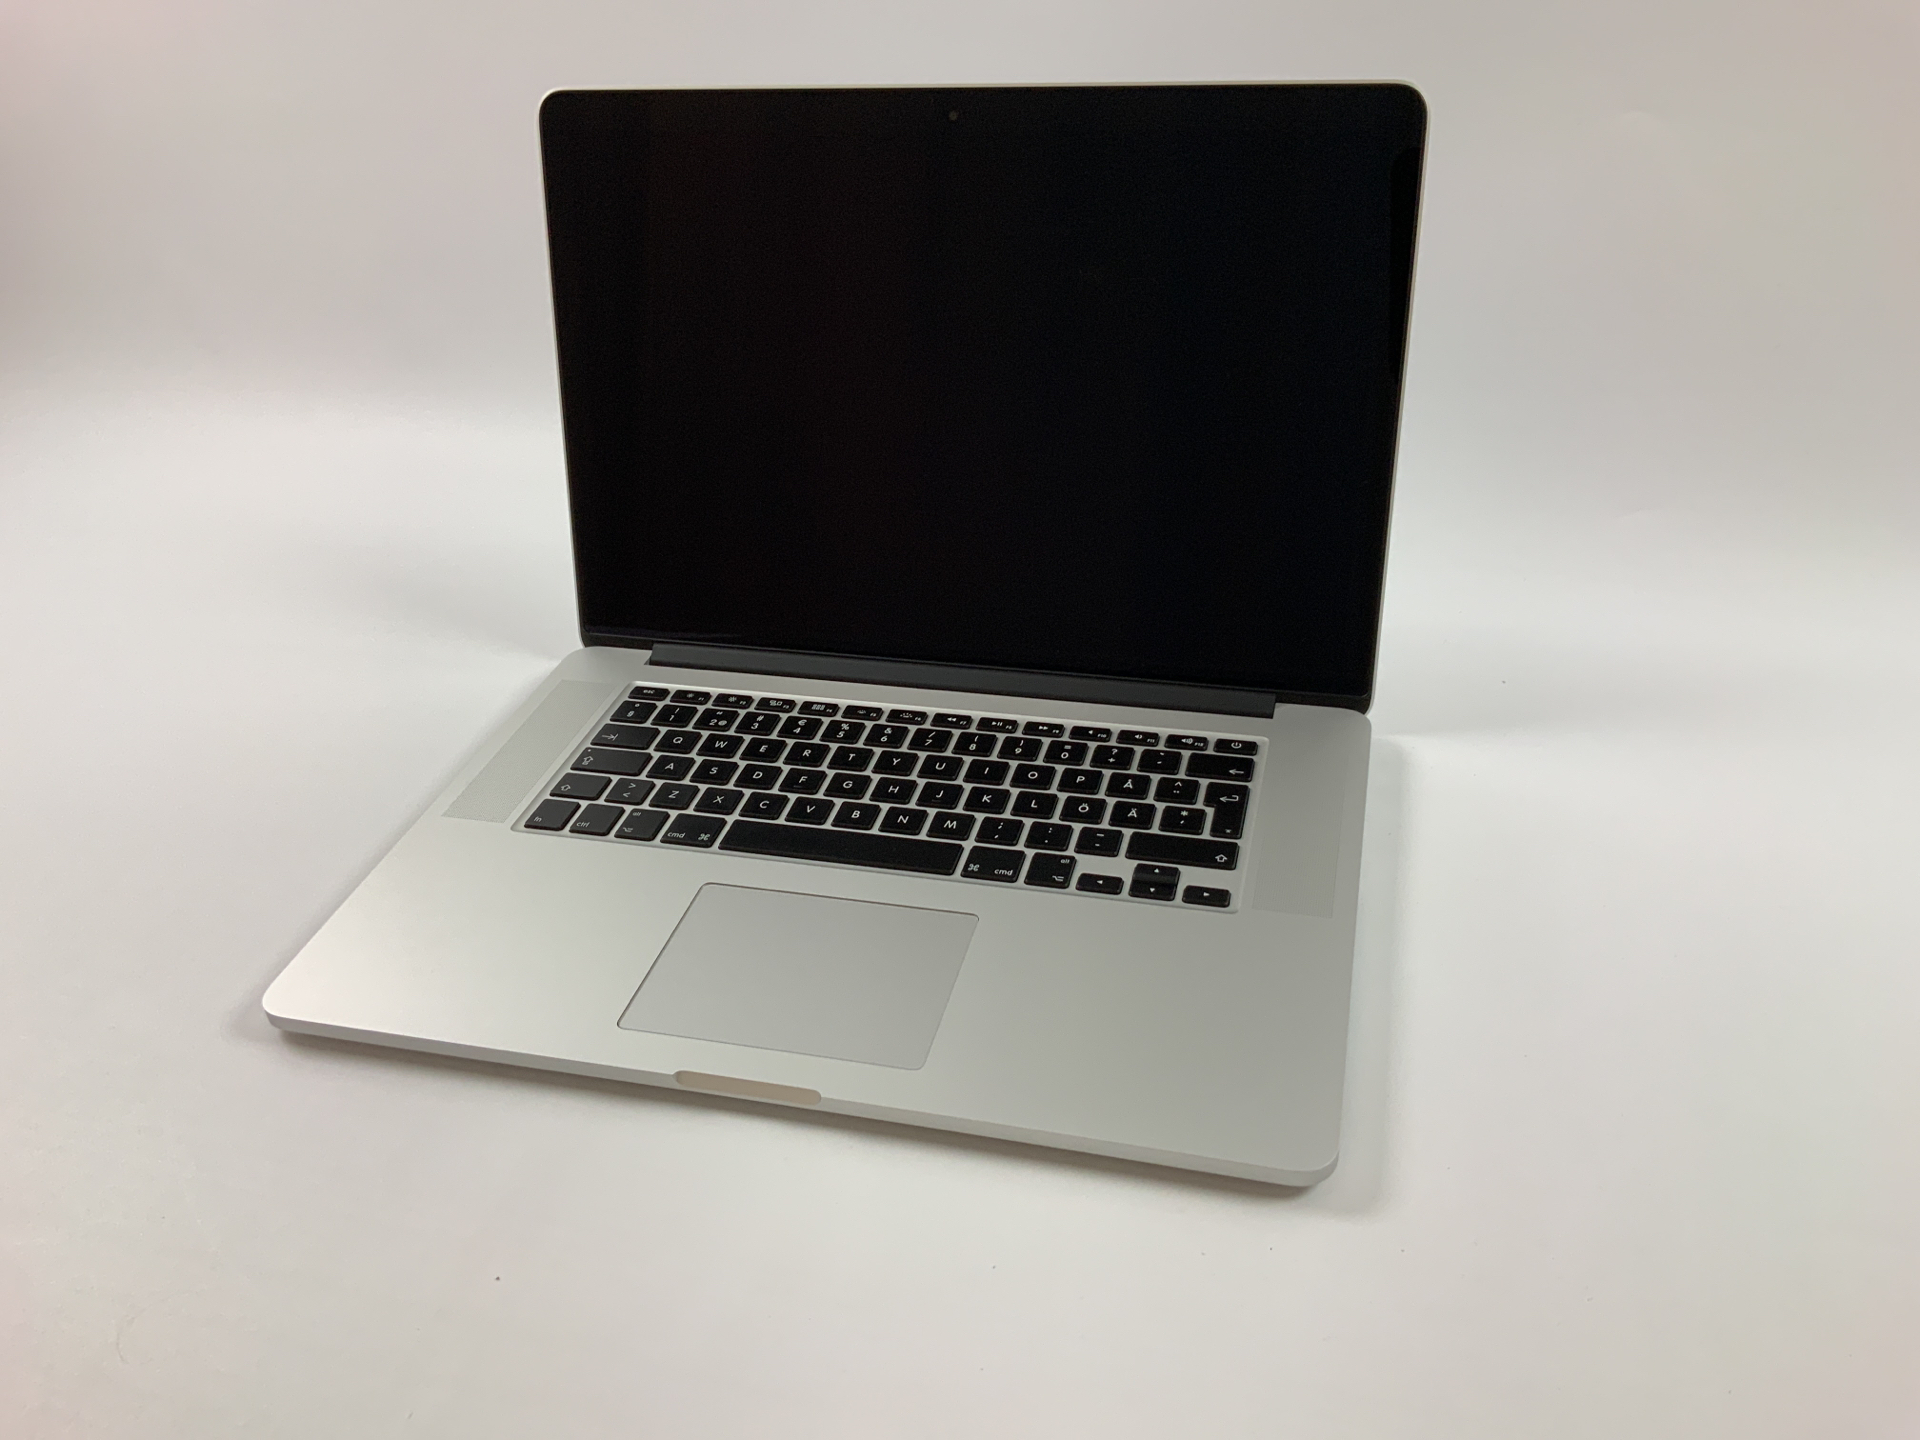 """MacBook Pro Retina 15"""" Mid 2015 (Intel Quad-Core i7 2.8 GHz 16 GB RAM 256 GB SSD), Intel Quad-Core i7 2.8 GHz, 16 GB RAM, 256 GB SSD, bild 1"""